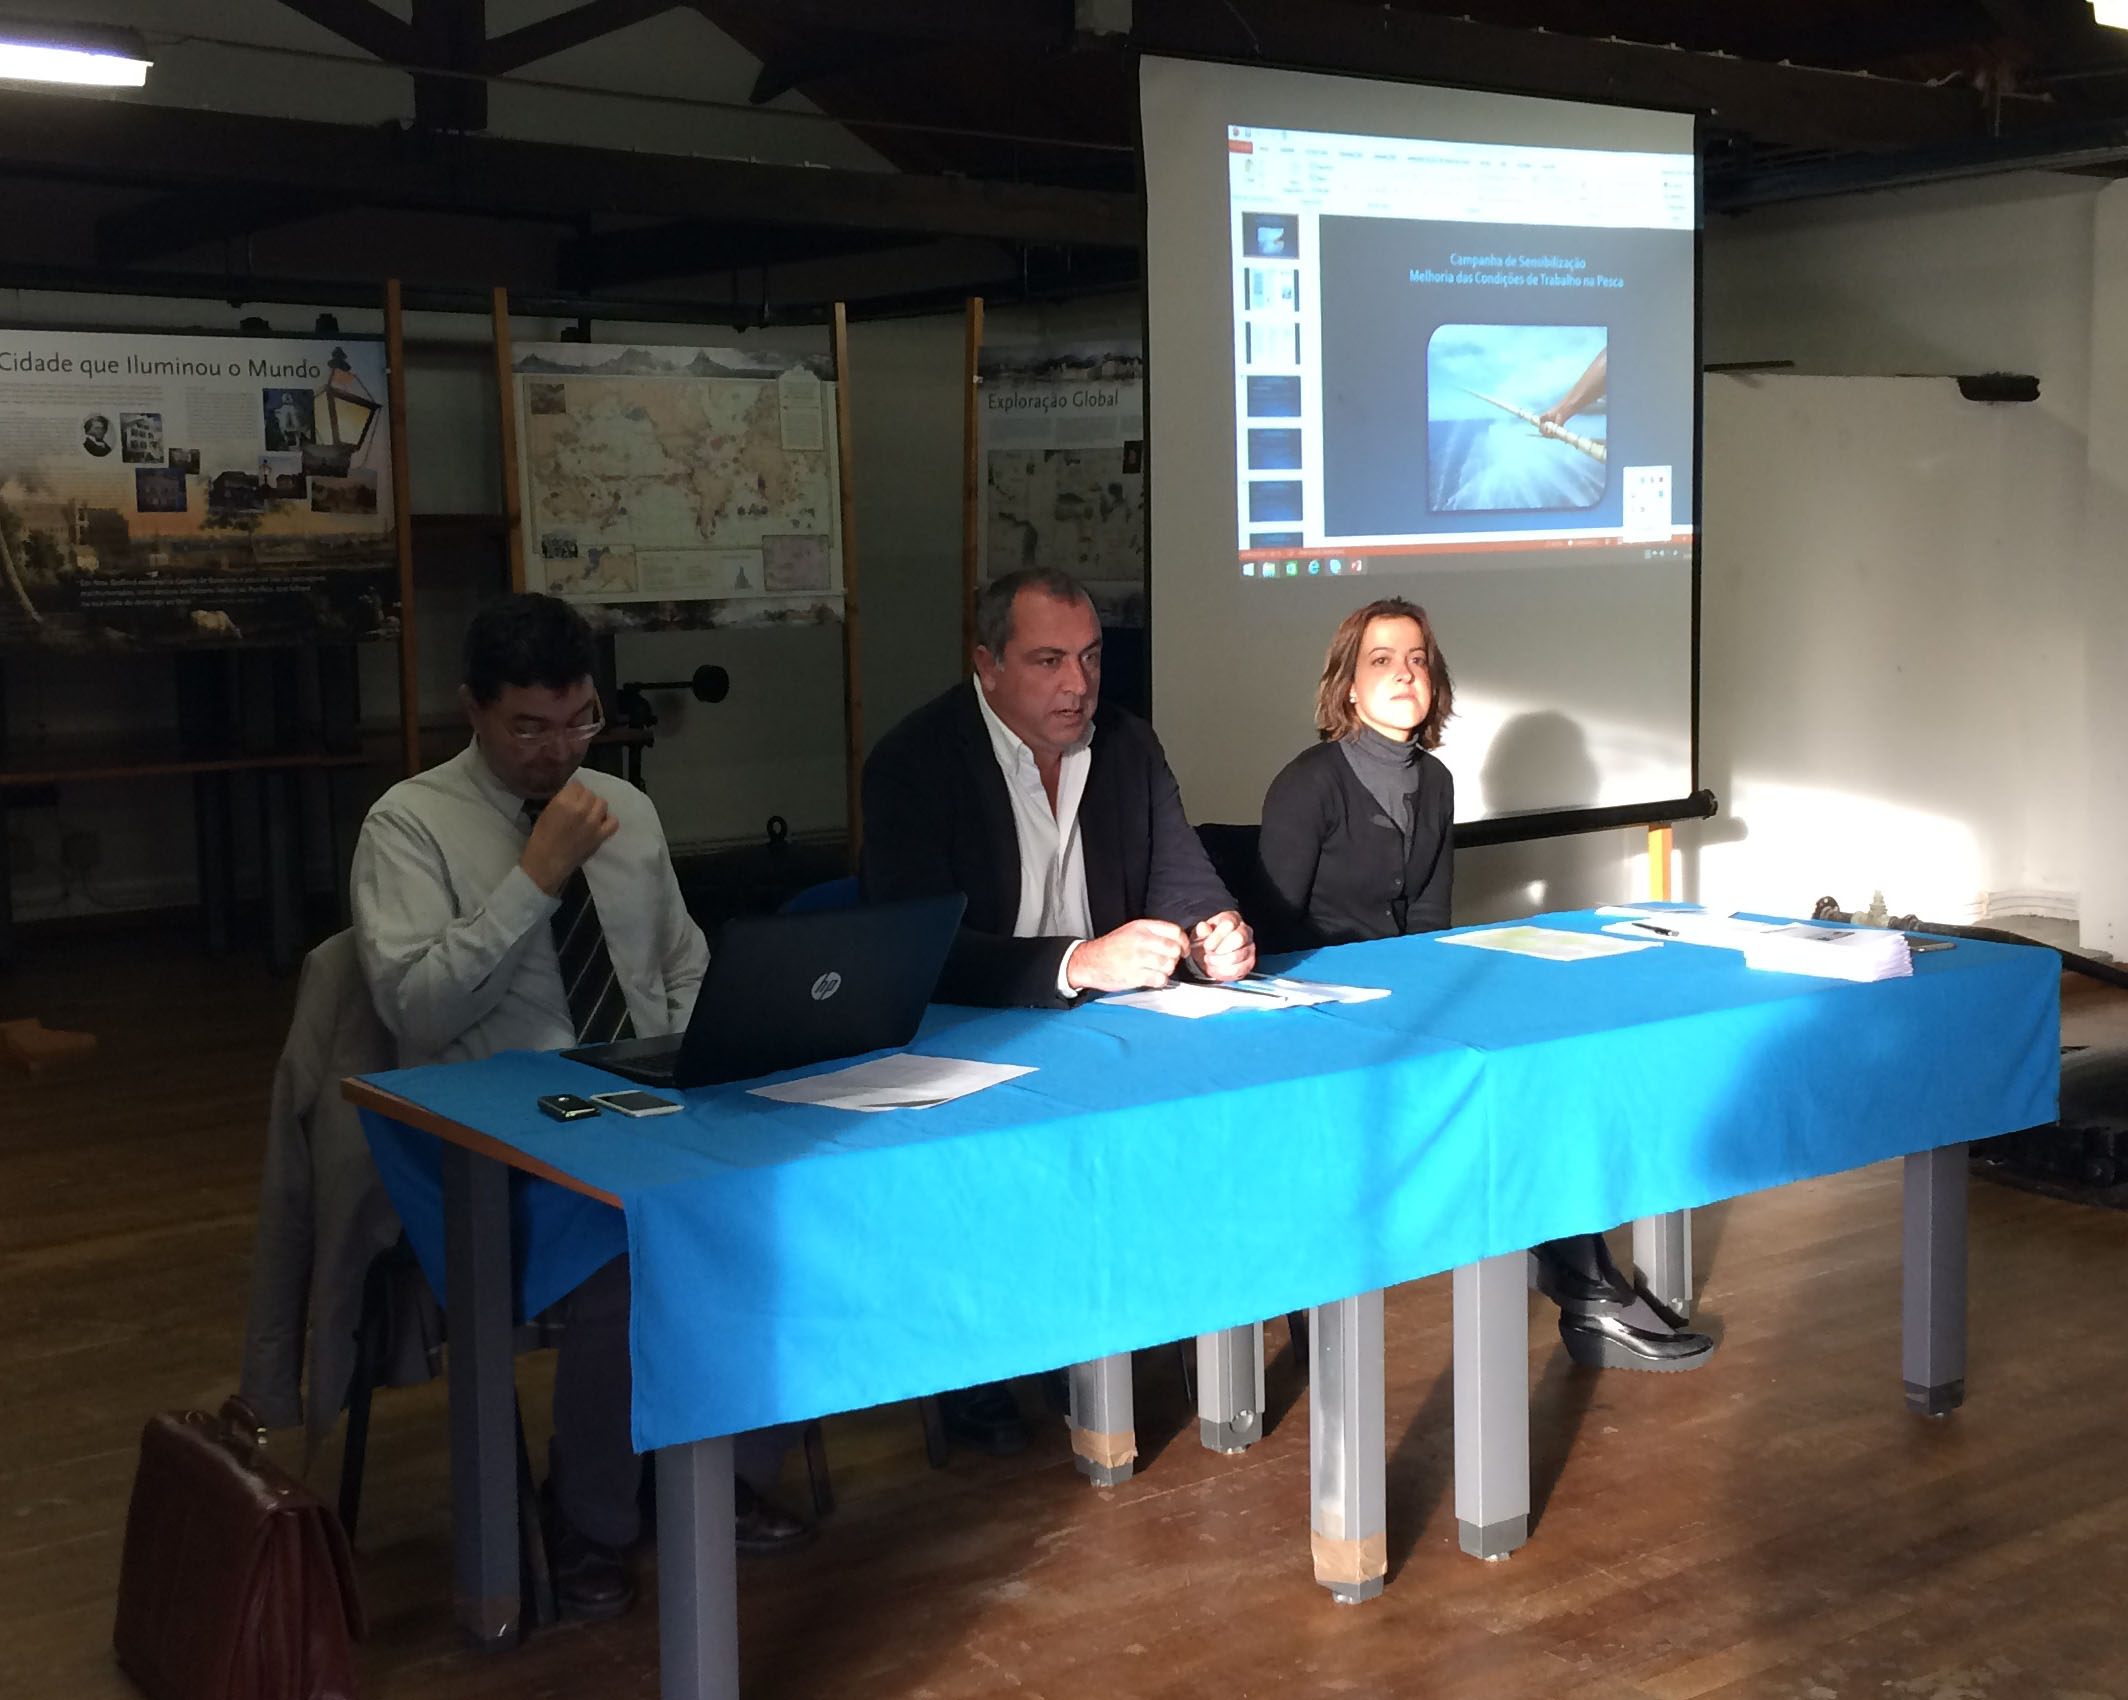 Governo dos Açores promove sessões de esclarecimento sobre contratos de trabalho na pesca